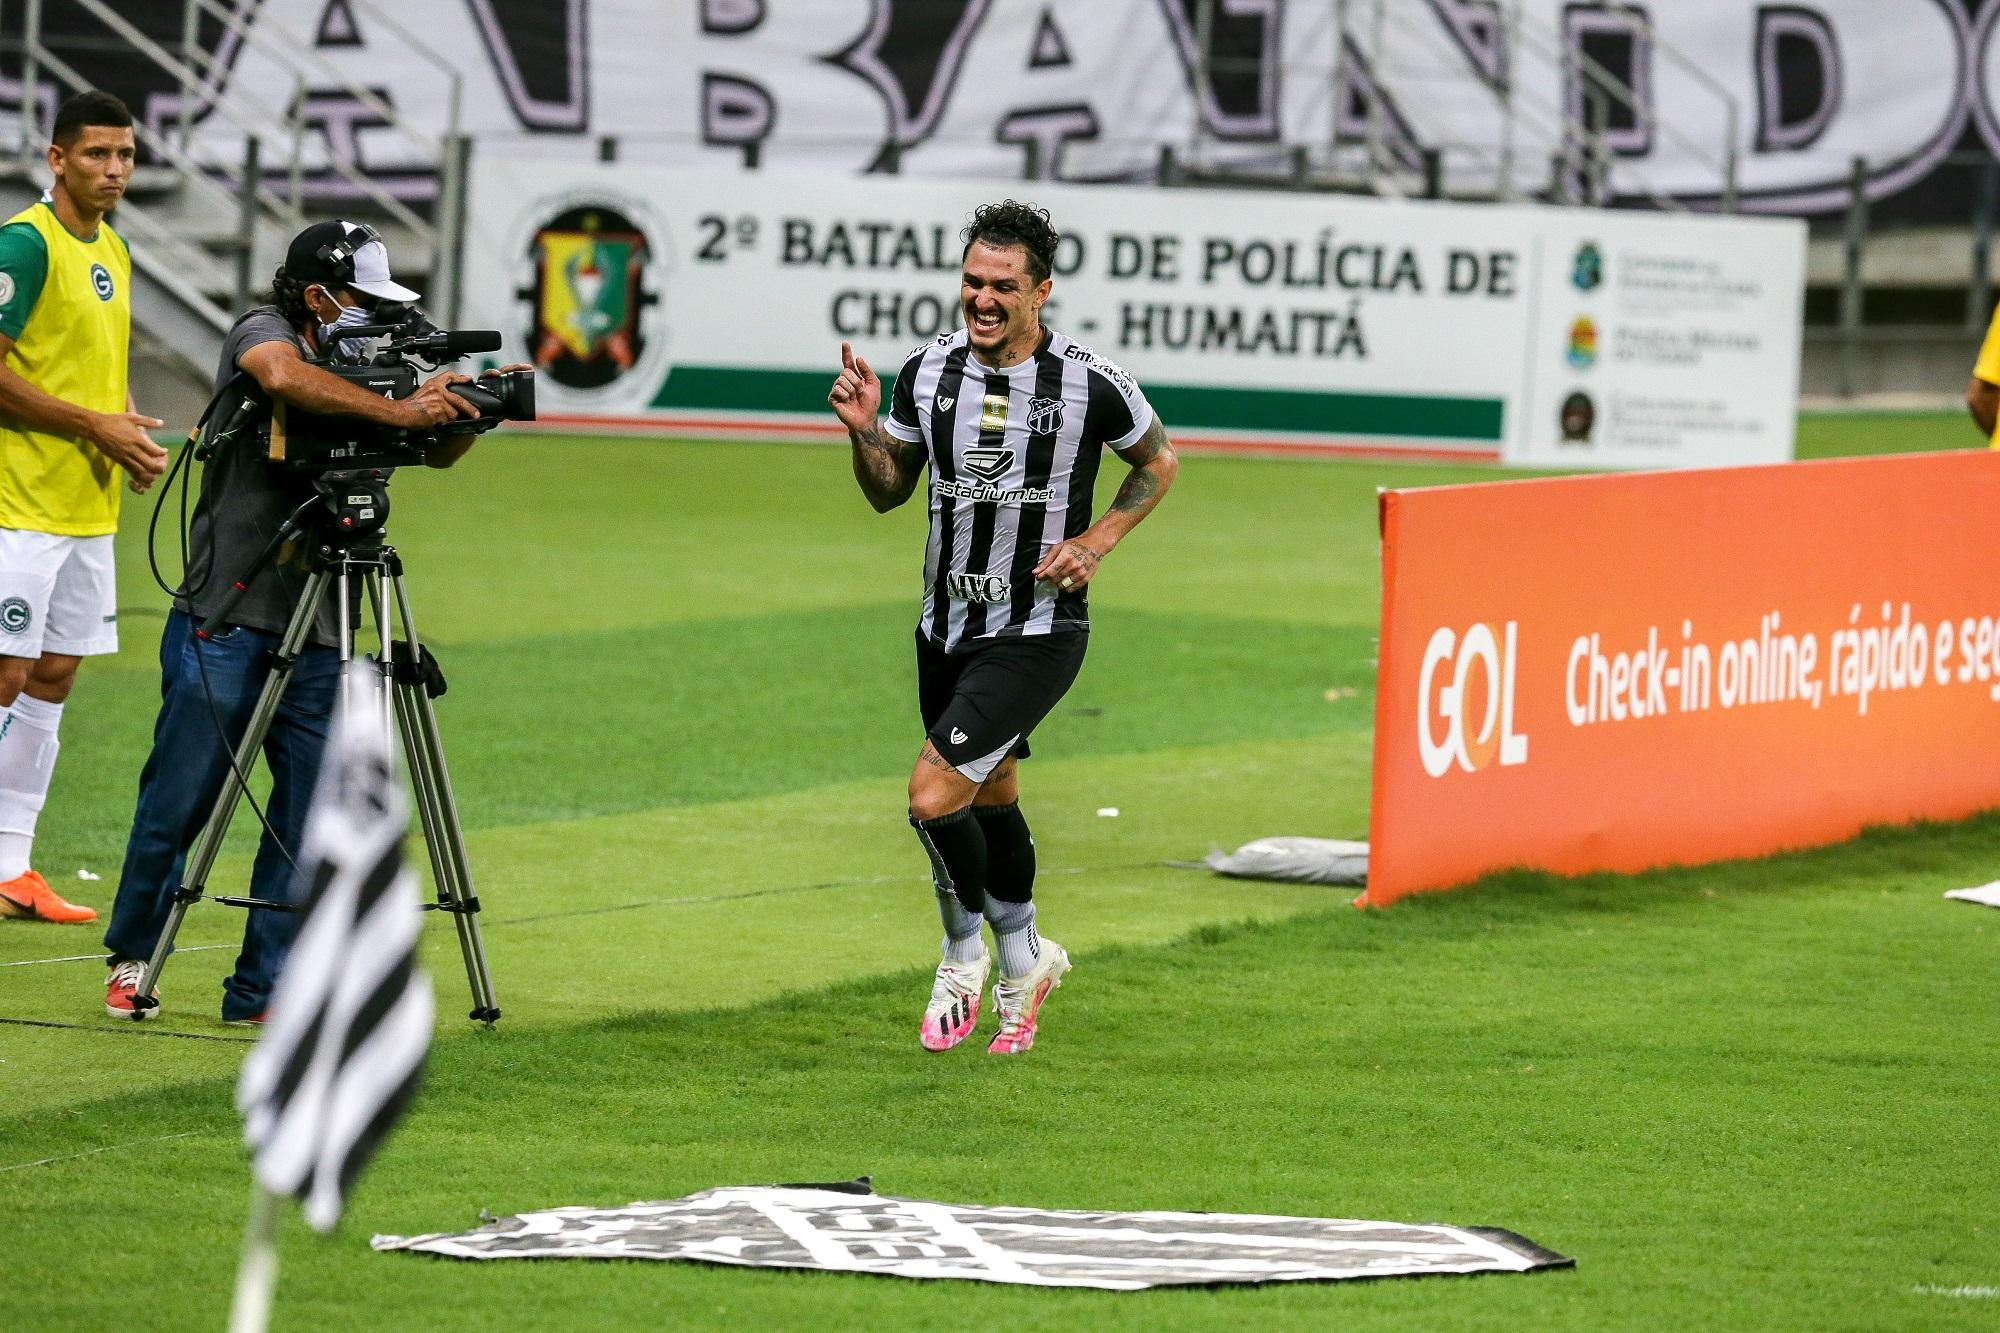 O meia Vinícius é o artilheiro do Vovô na temporada e marcou um belo gol no empate contra o Flu, sendo a referencia do time